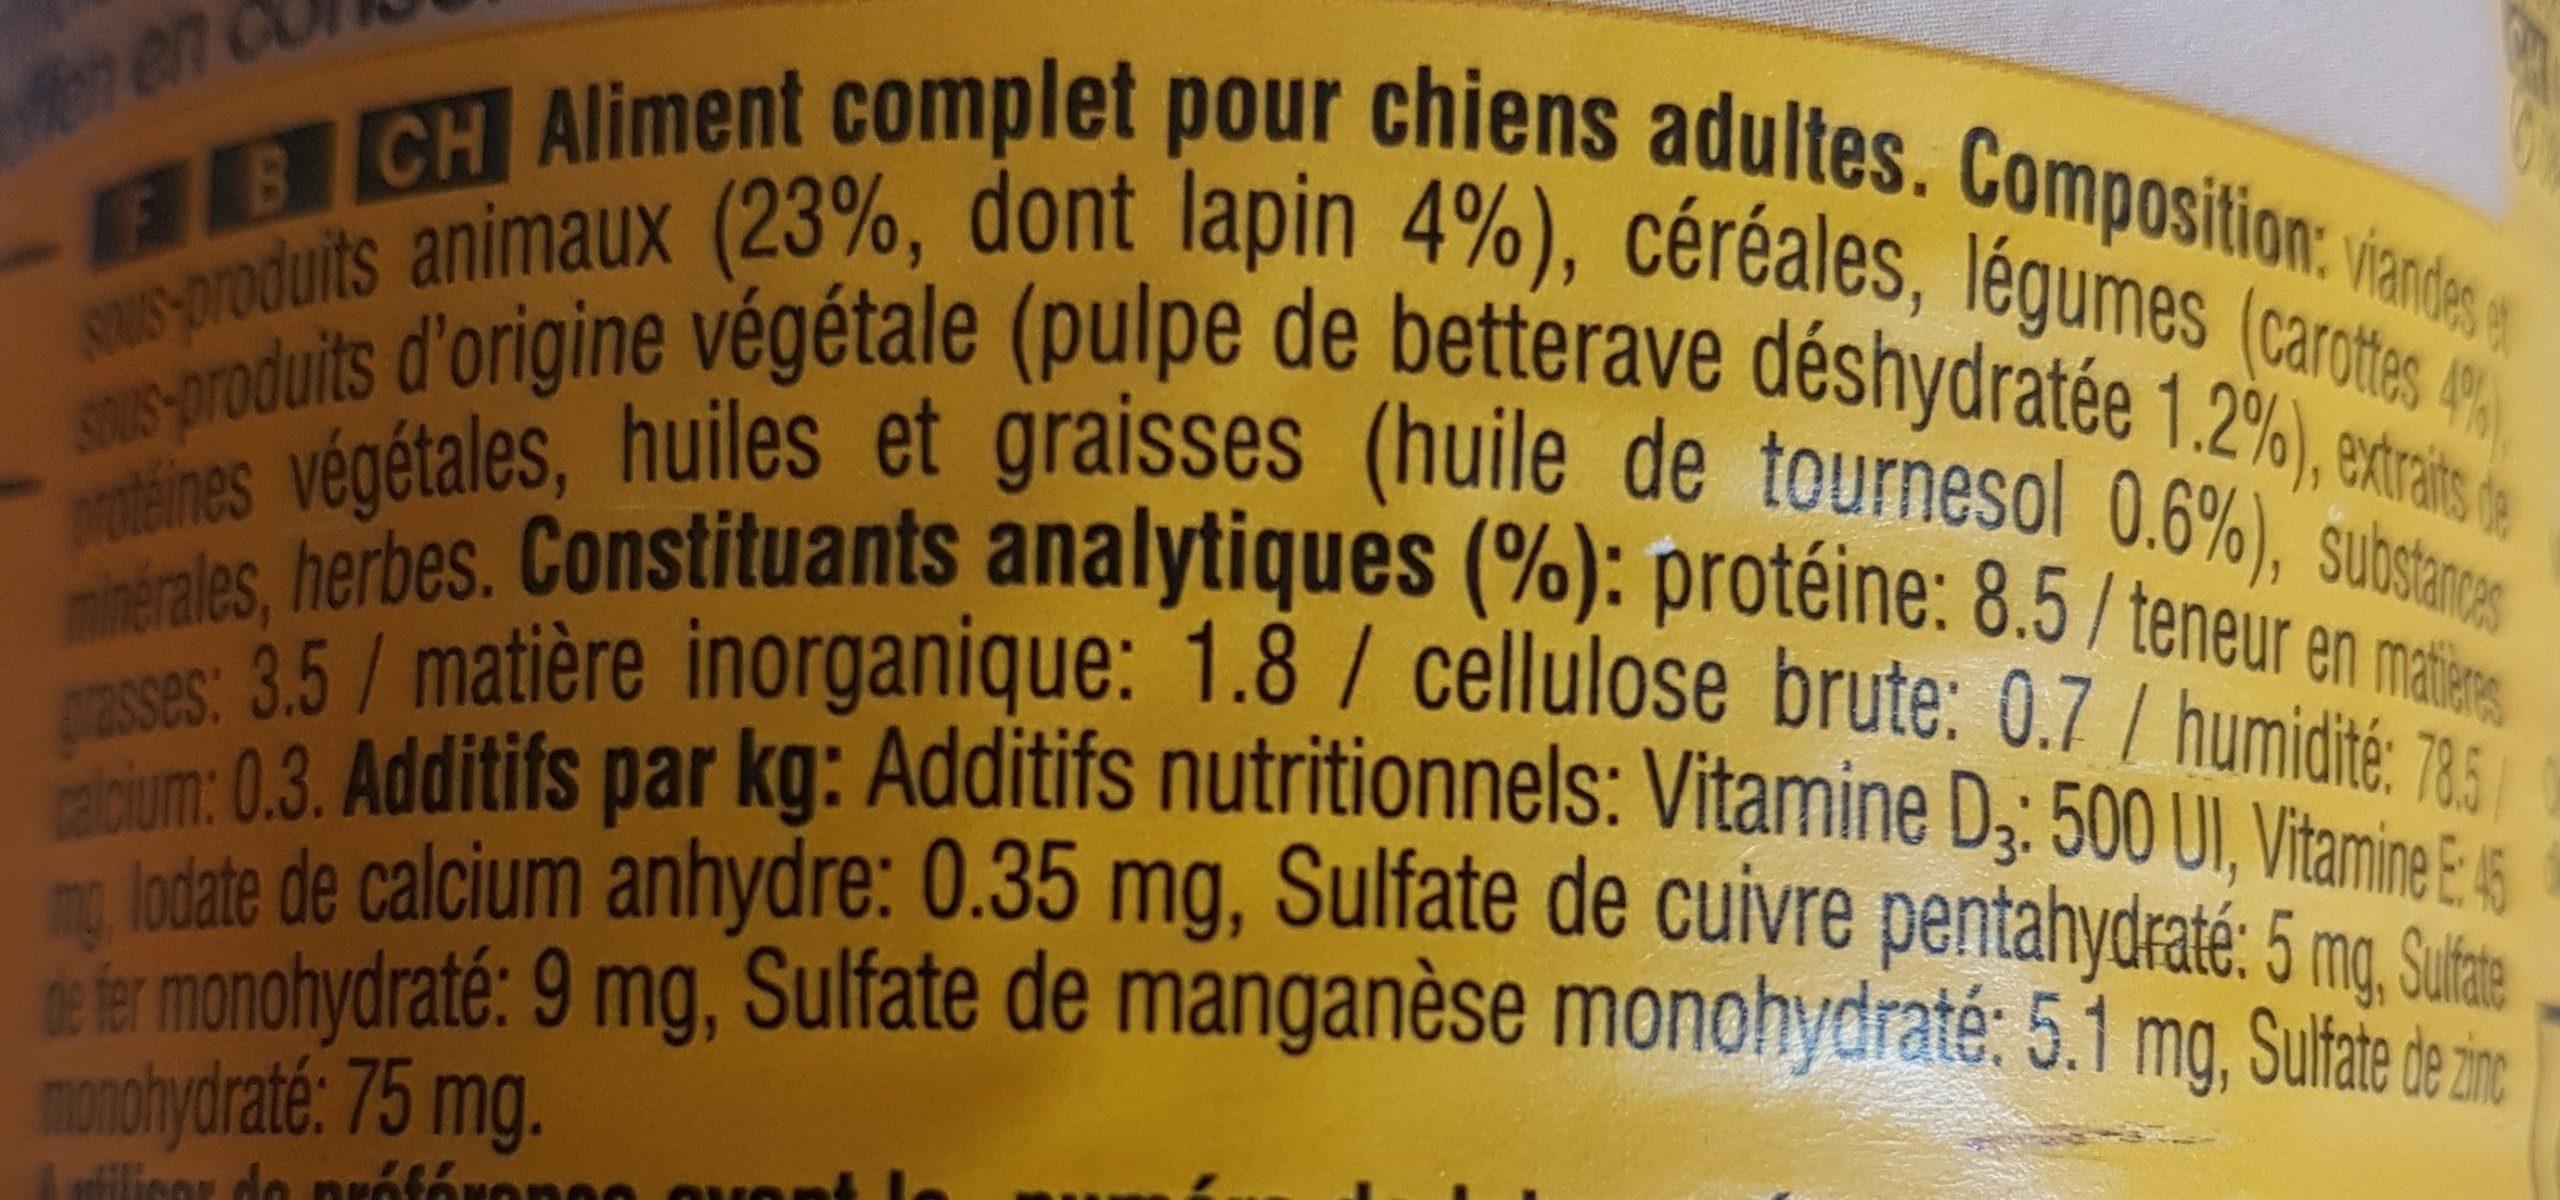 Pedigree Lapin Carottes 400 G - Ingredients - fr